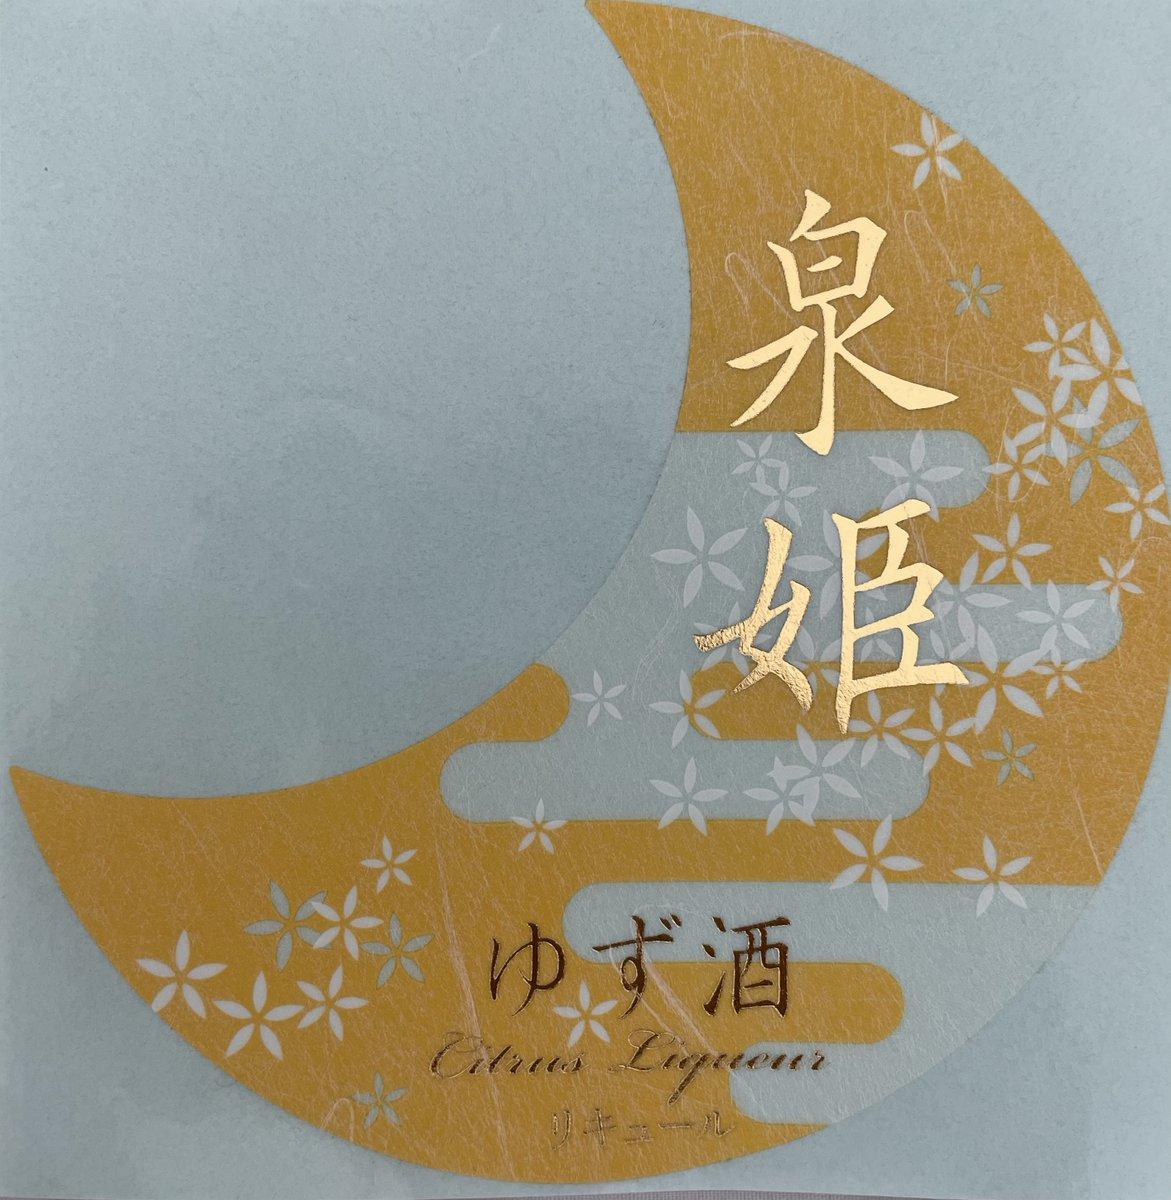 test ツイッターメディア - 泉酒造さんの「ゆず酒 泉姫」のラベルです。透明フイルムタック紙に白と黄色を印刷後、和紙ラミネートした上に箔押しし、月の形に抜いています。 ぜひ拡大して風合いをご覧ください。 #パッケージ印刷 #パッケージデザイン https://t.co/86PkrGlRb9 https://t.co/1rlwTBNxPv